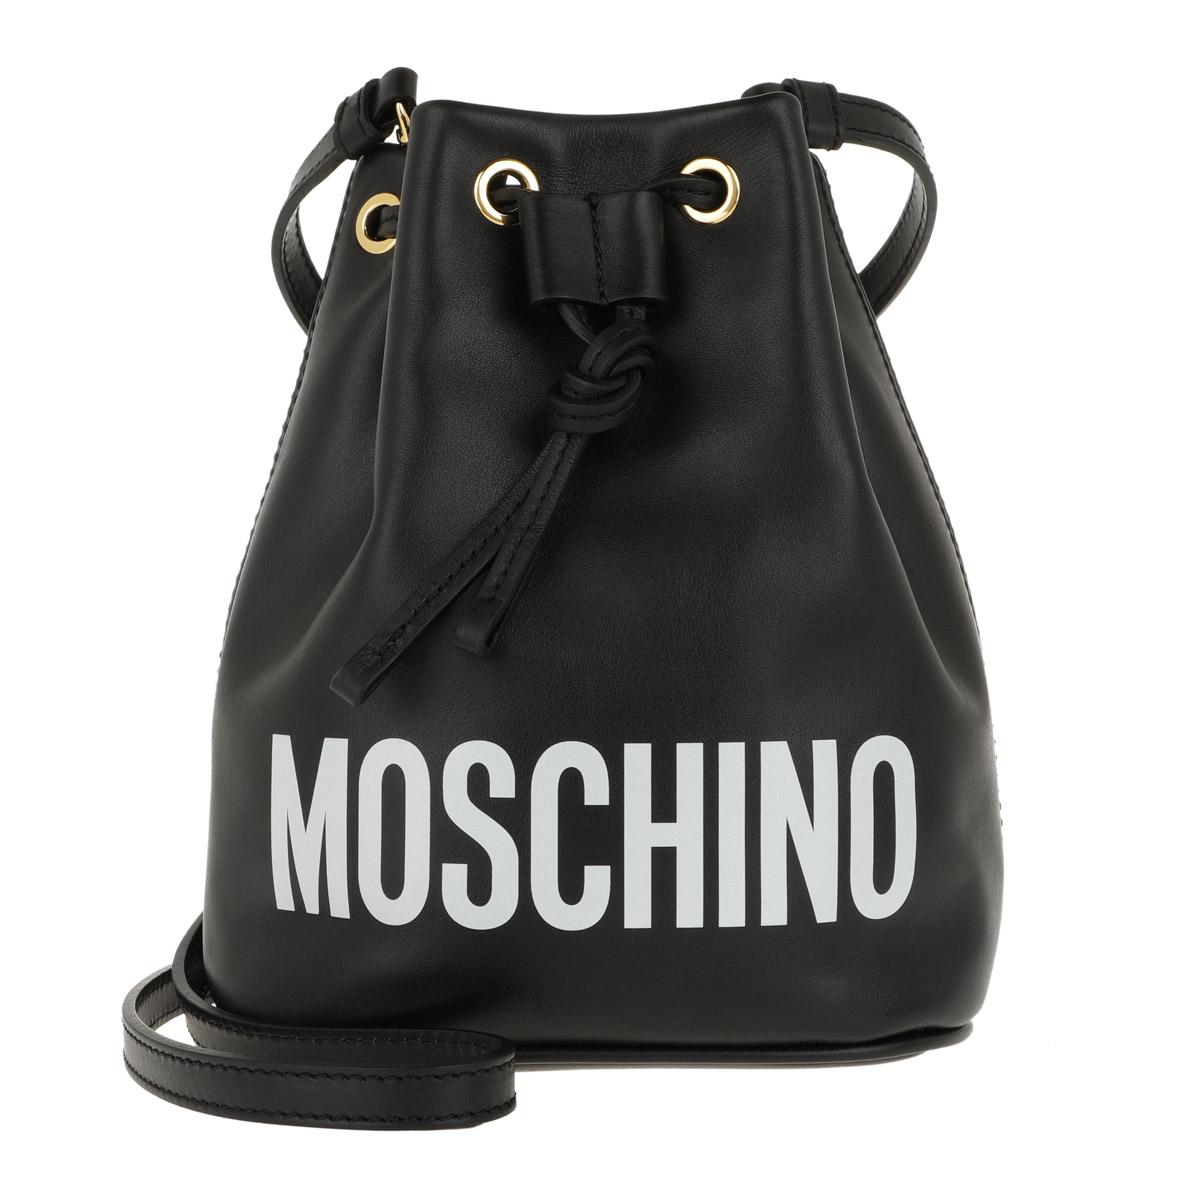 Moschino Beuteltasche - Logo Drawstring Bag Small Fantasia Nero - in schwarz - für Damen